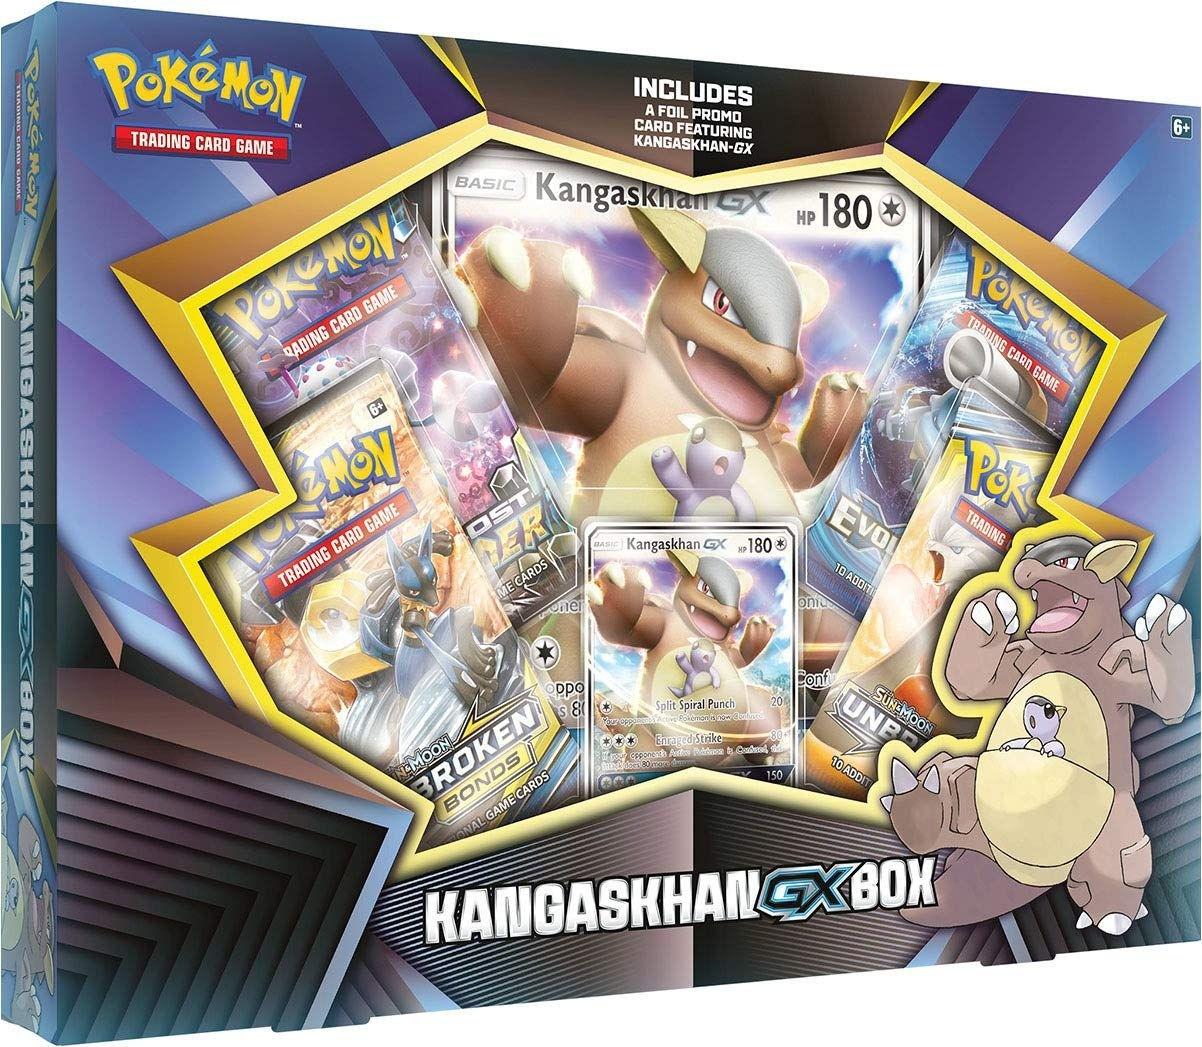 Pokemon TCG: Kangaskhan-GX Box